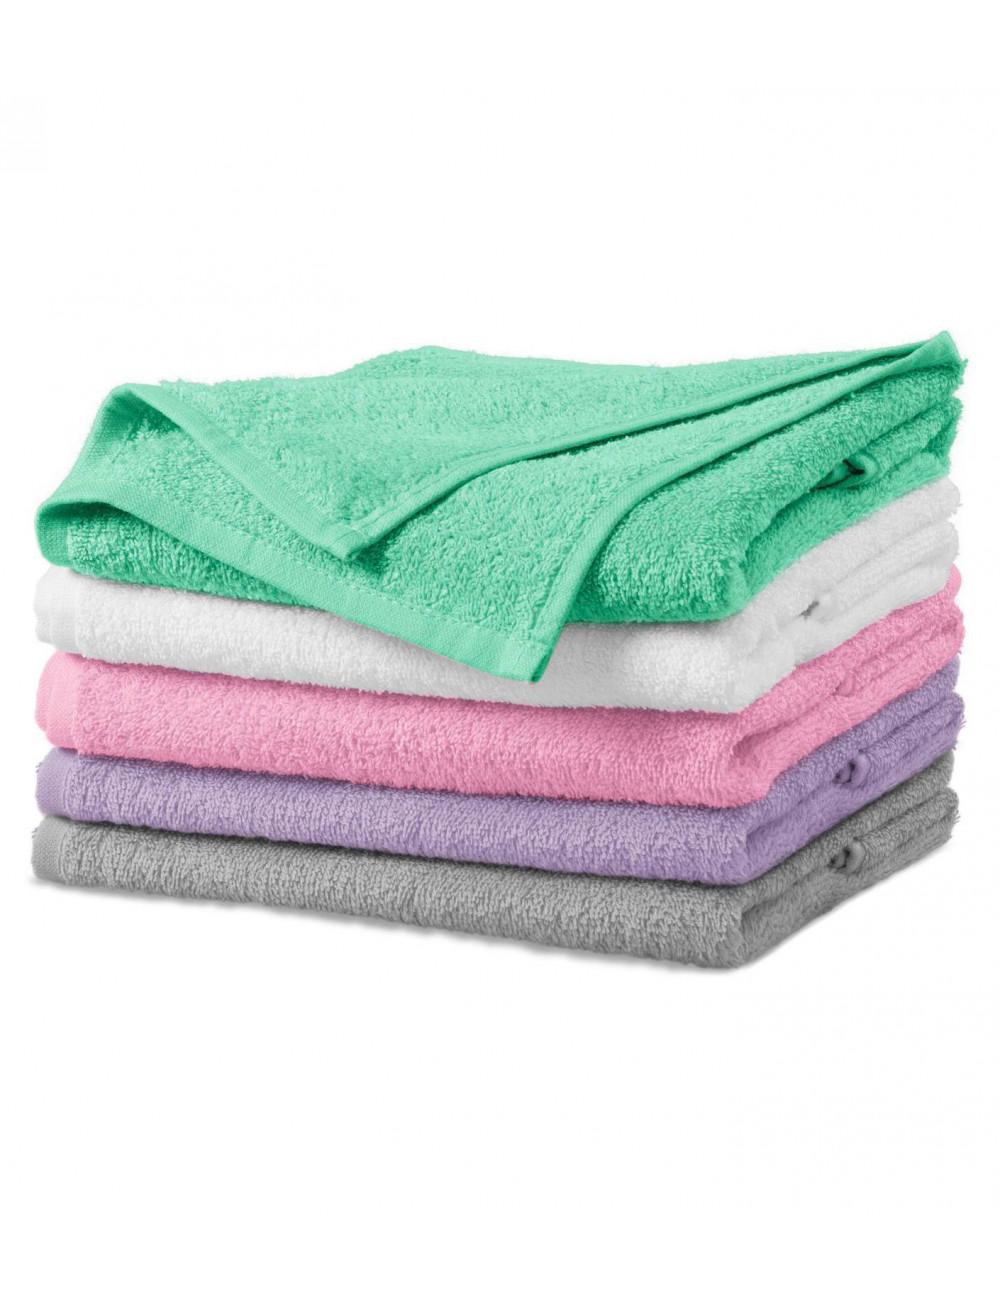 Adler MALFINI Ręcznik unisex Terry Towel 908 biały